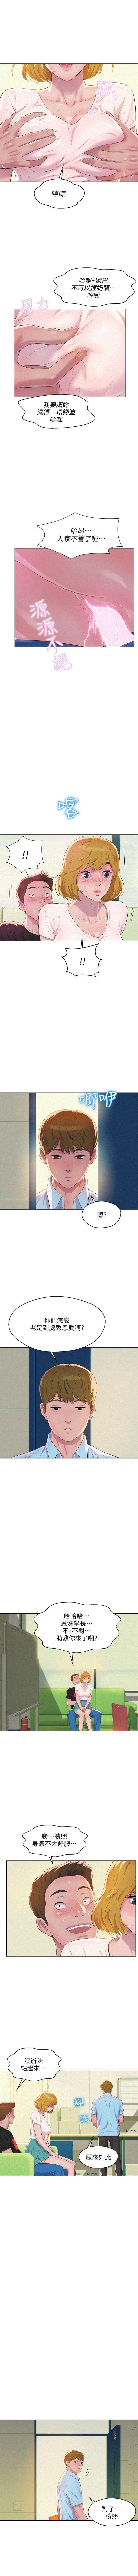 新生淫乱日记 1-61完结(中文) 325